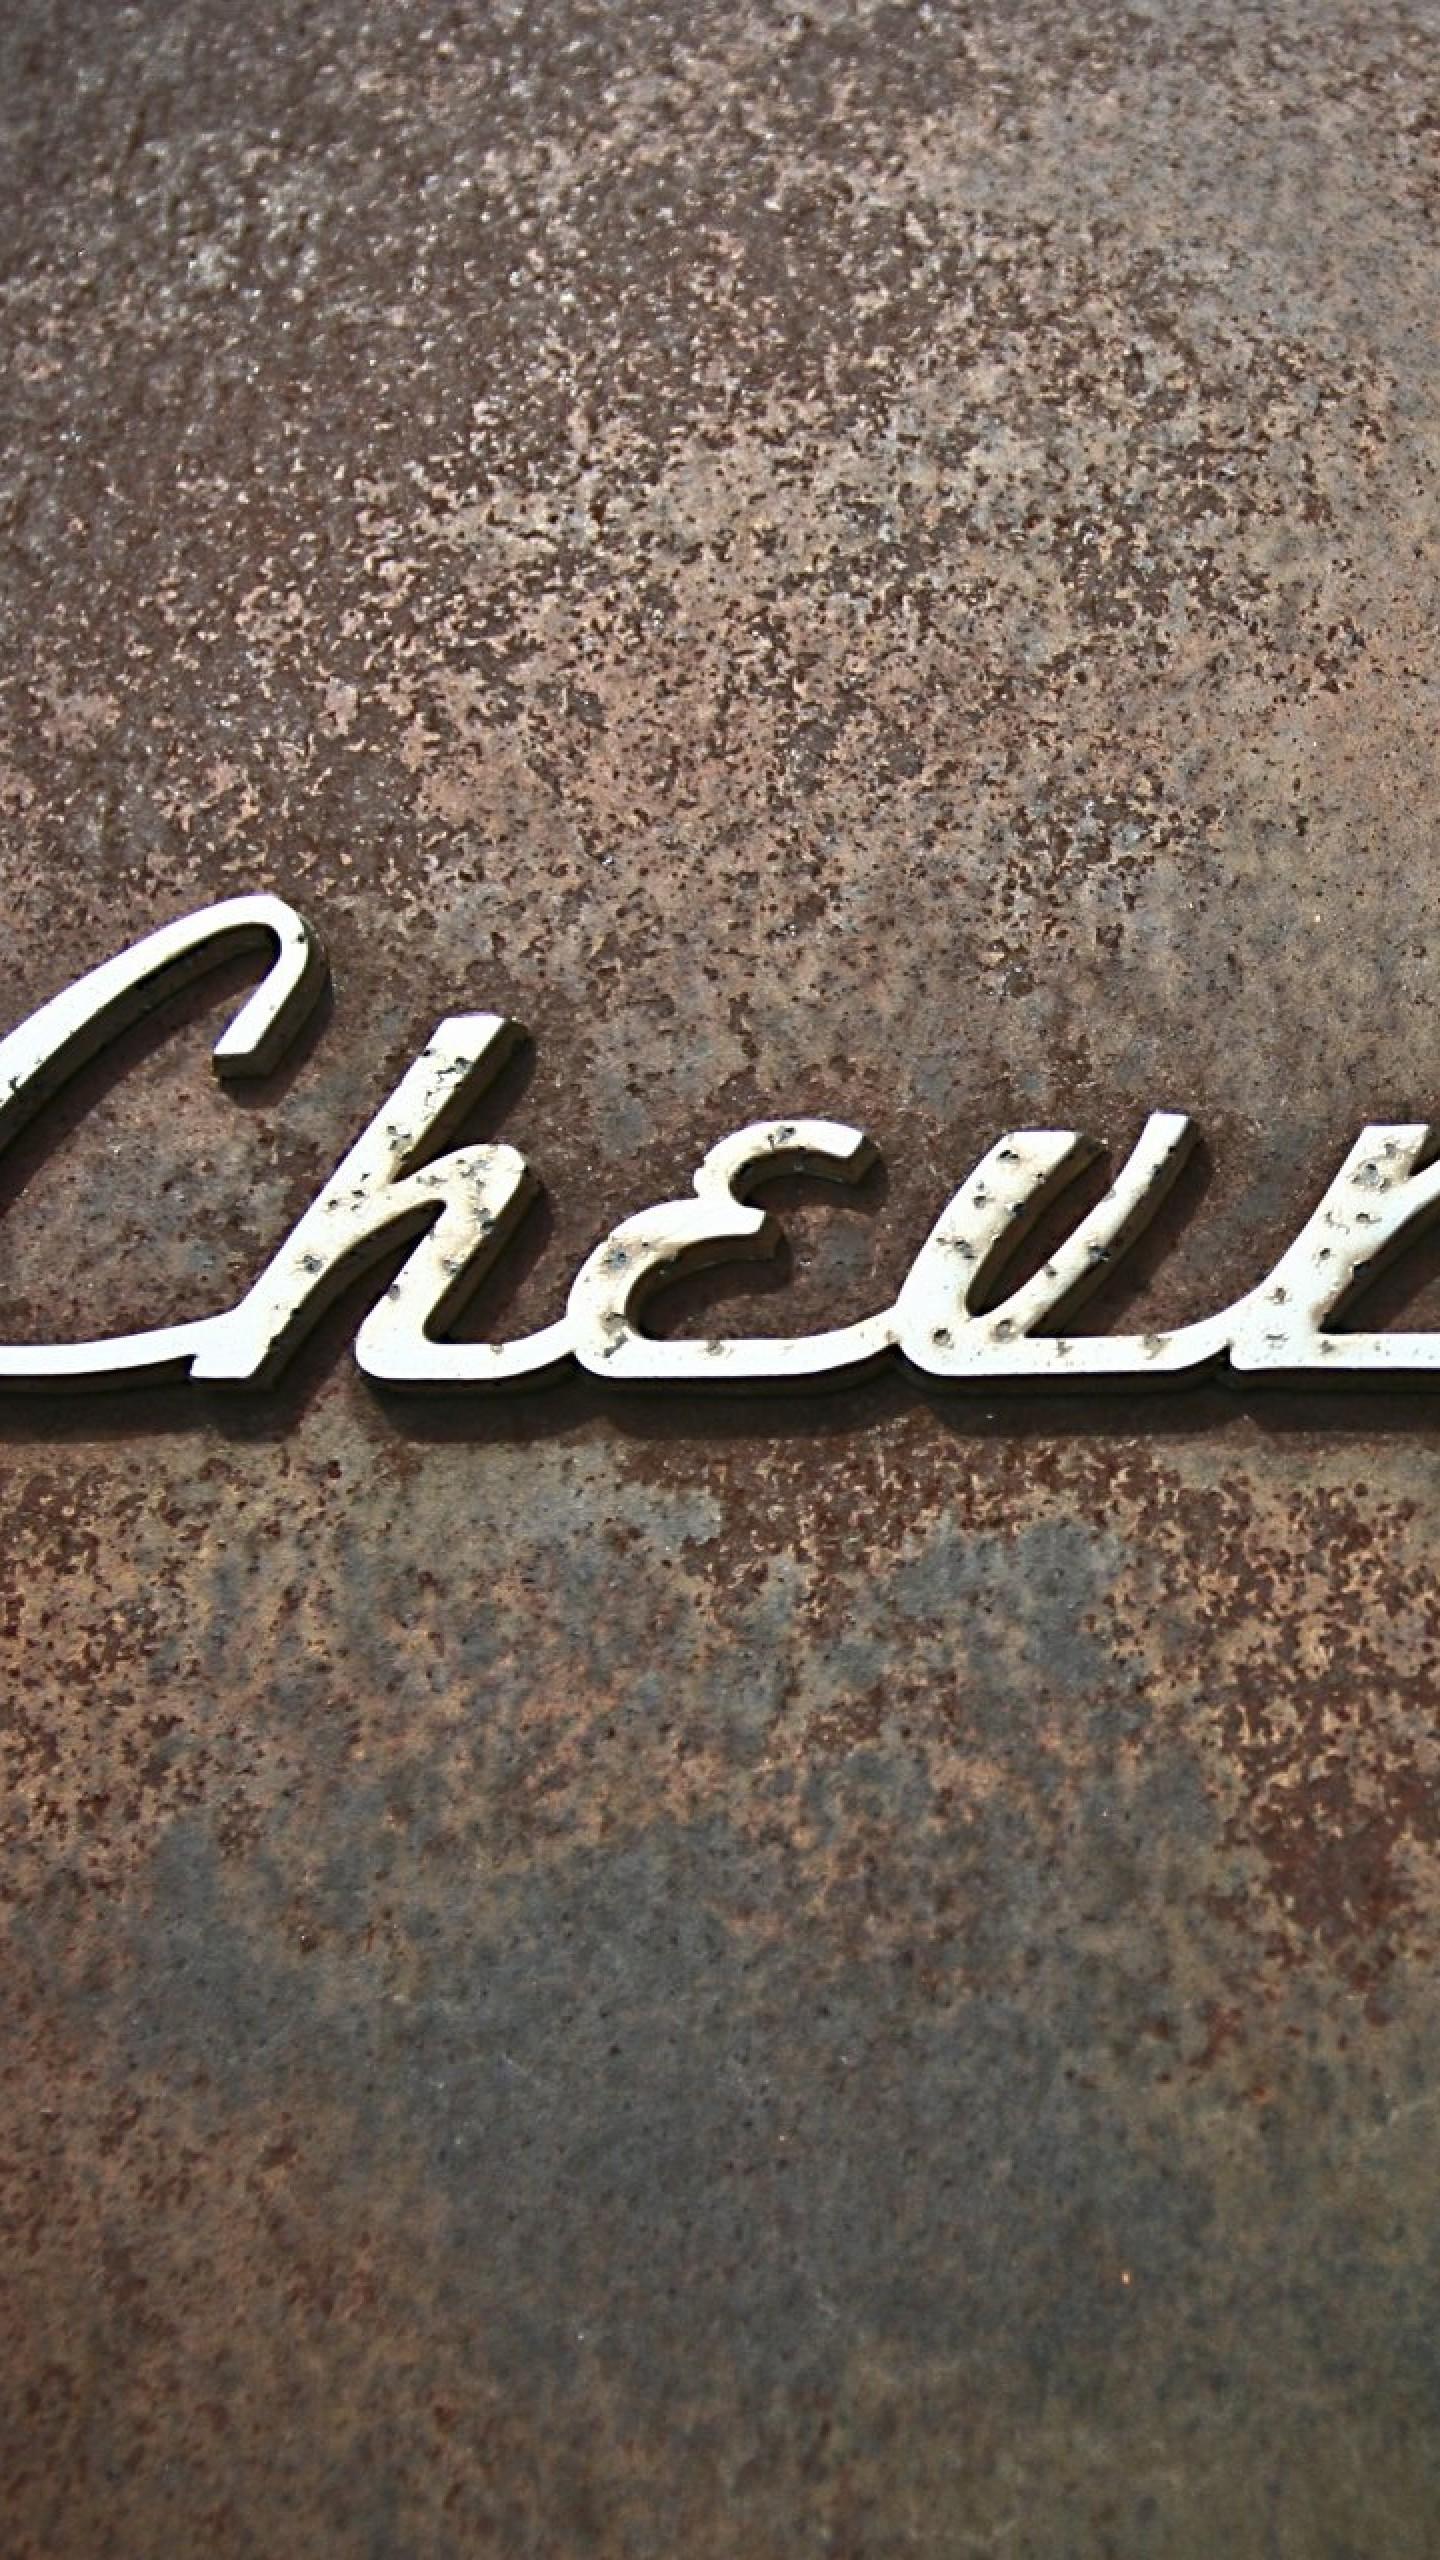 Top 50 Logo: Chevy Logo Wallpaper ·① WallpaperTag